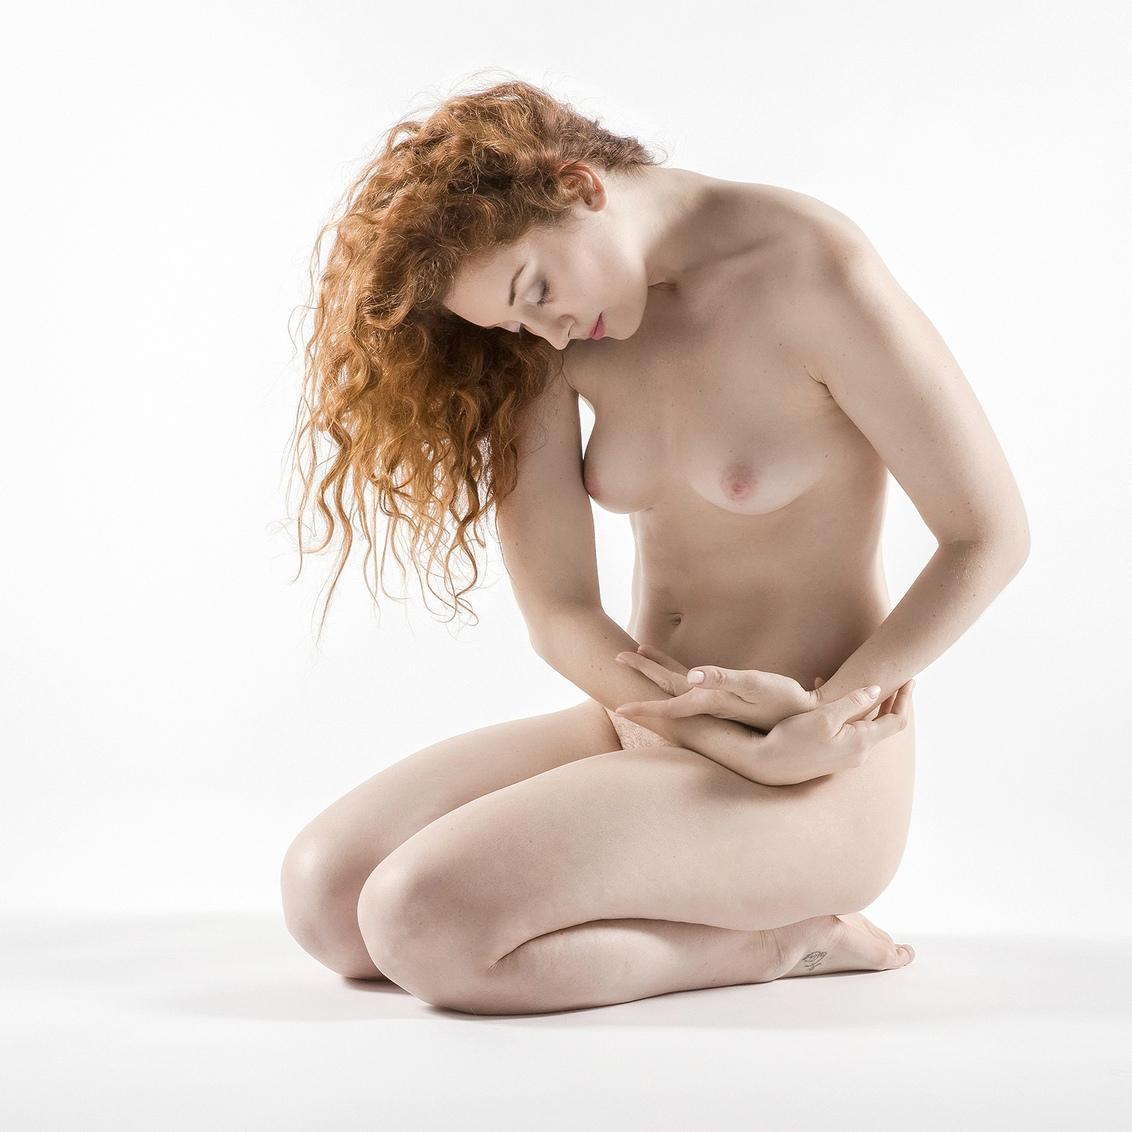 contritely - model Ella-Rose - foto door jhslotboom op 11-01-2015 - deze foto bevat: vrouw, licht, model, art, erotiek, naakt, glamour, highkey, studio, fotoshoot, artistiek, ella-rose